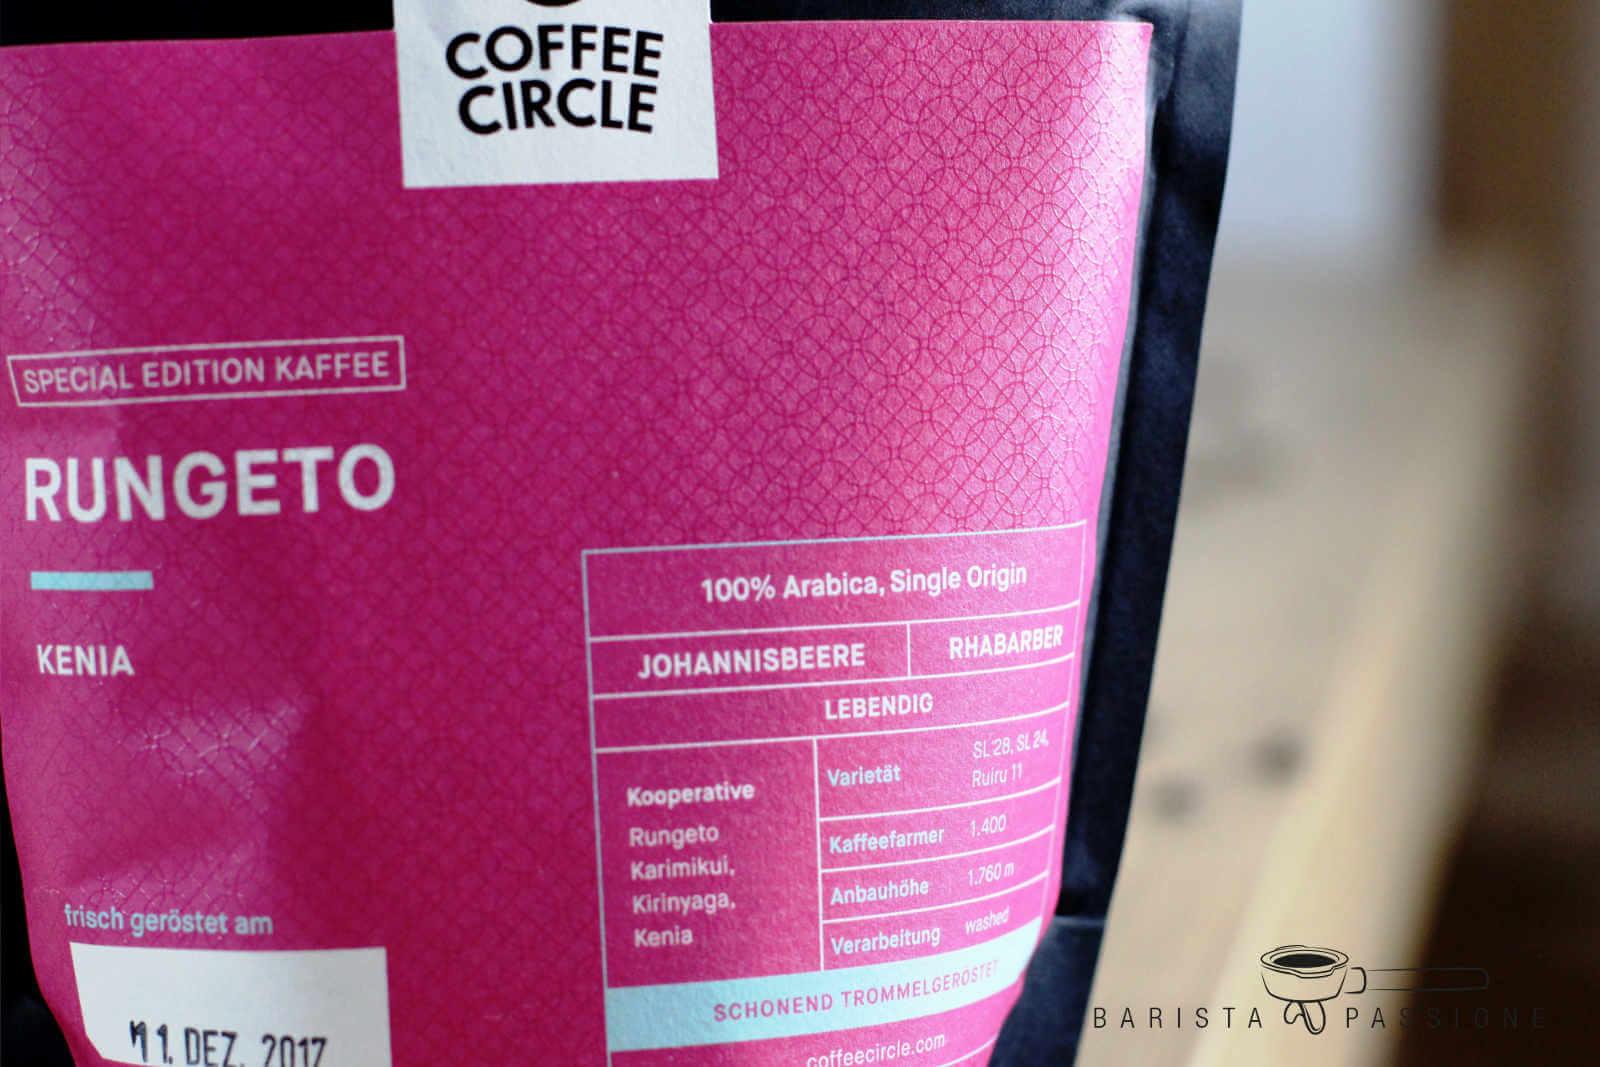 88ea054fcf Spezialitätenröster (im Bild Single Origin Kaffee von coffeecircle) gehen  viel mehr ins Details, wenn sie von sortenreinen Kaffees oder Single Origin  ...